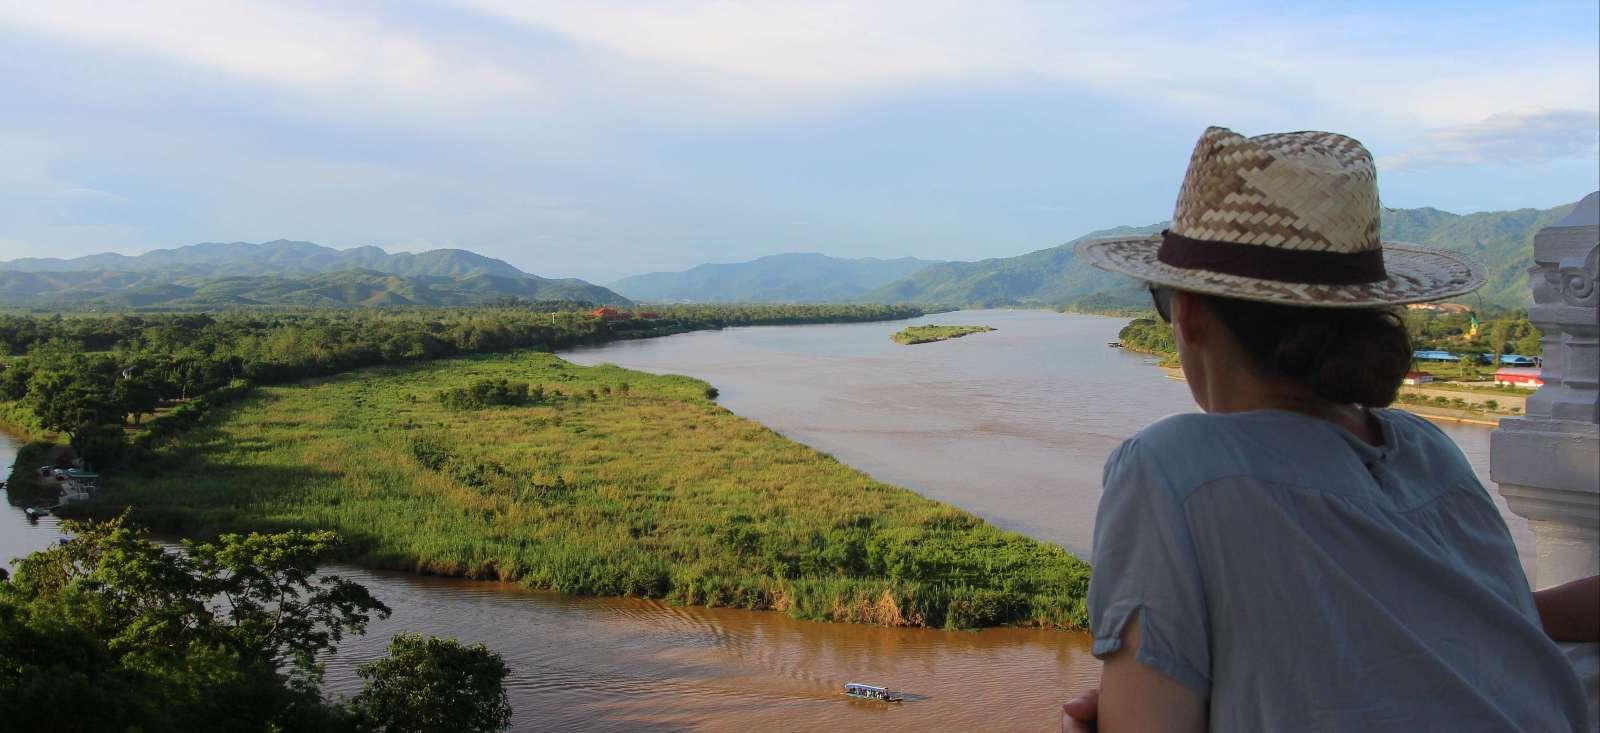 Voyage en véhicule : Une aventure Thaïe et sur mesure